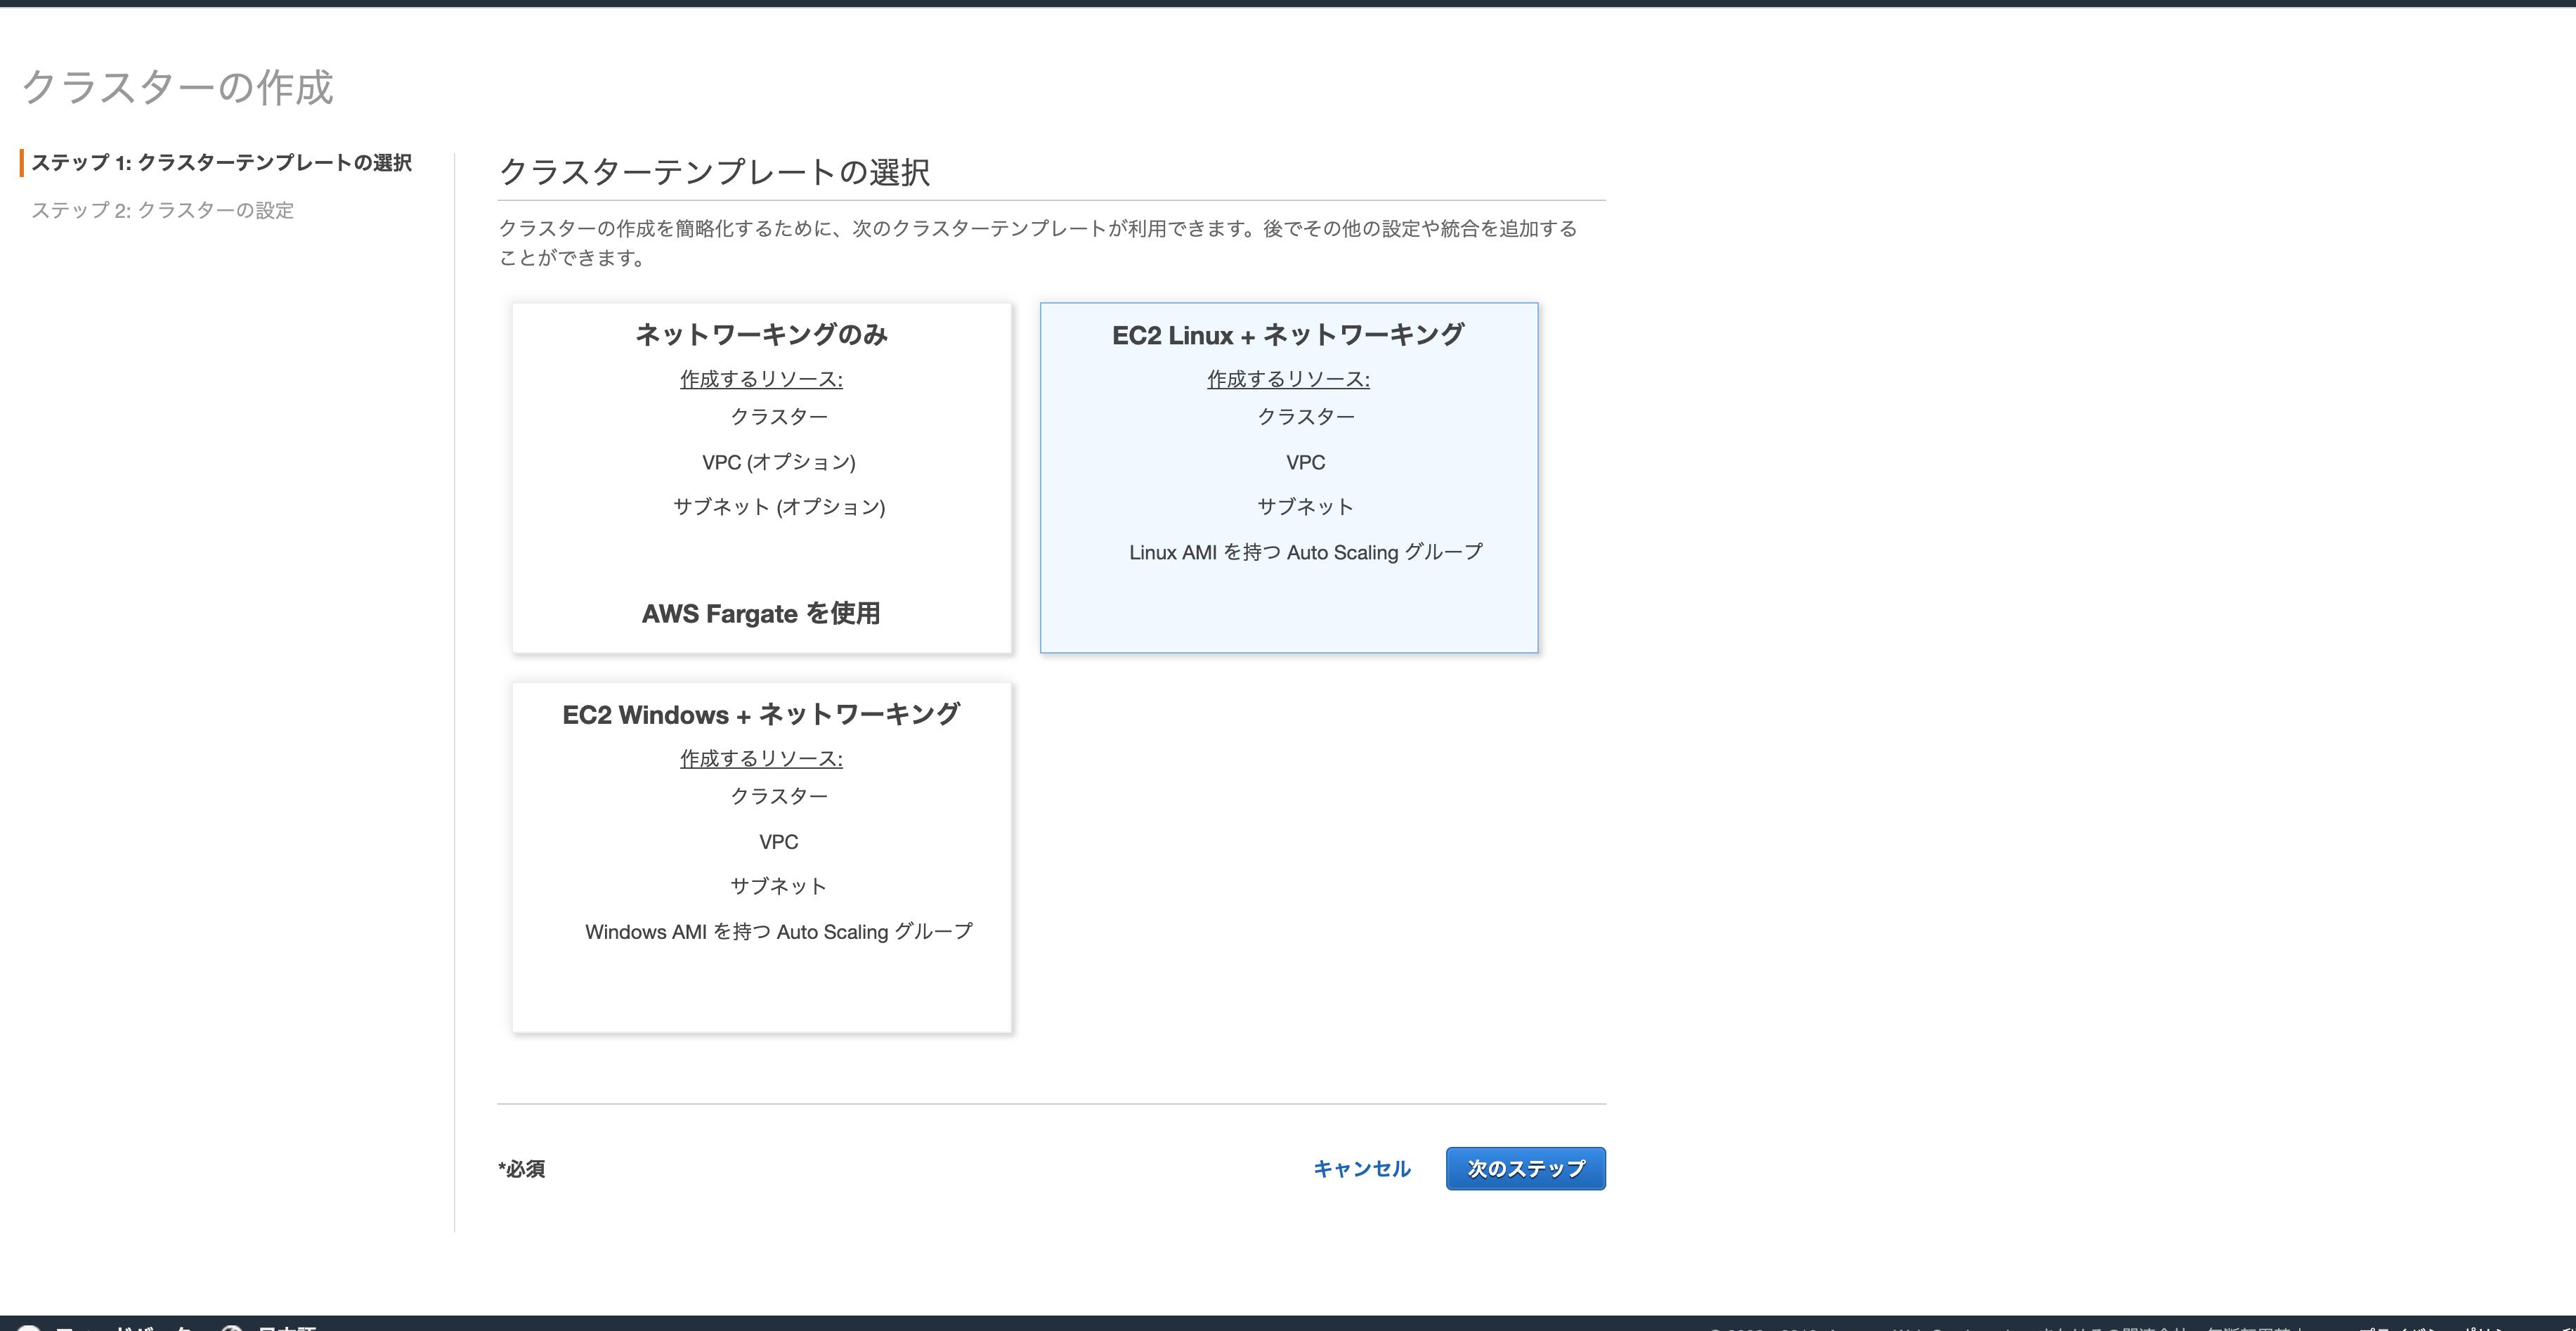 スクリーンショット 2019-07-10 11.05.33.png